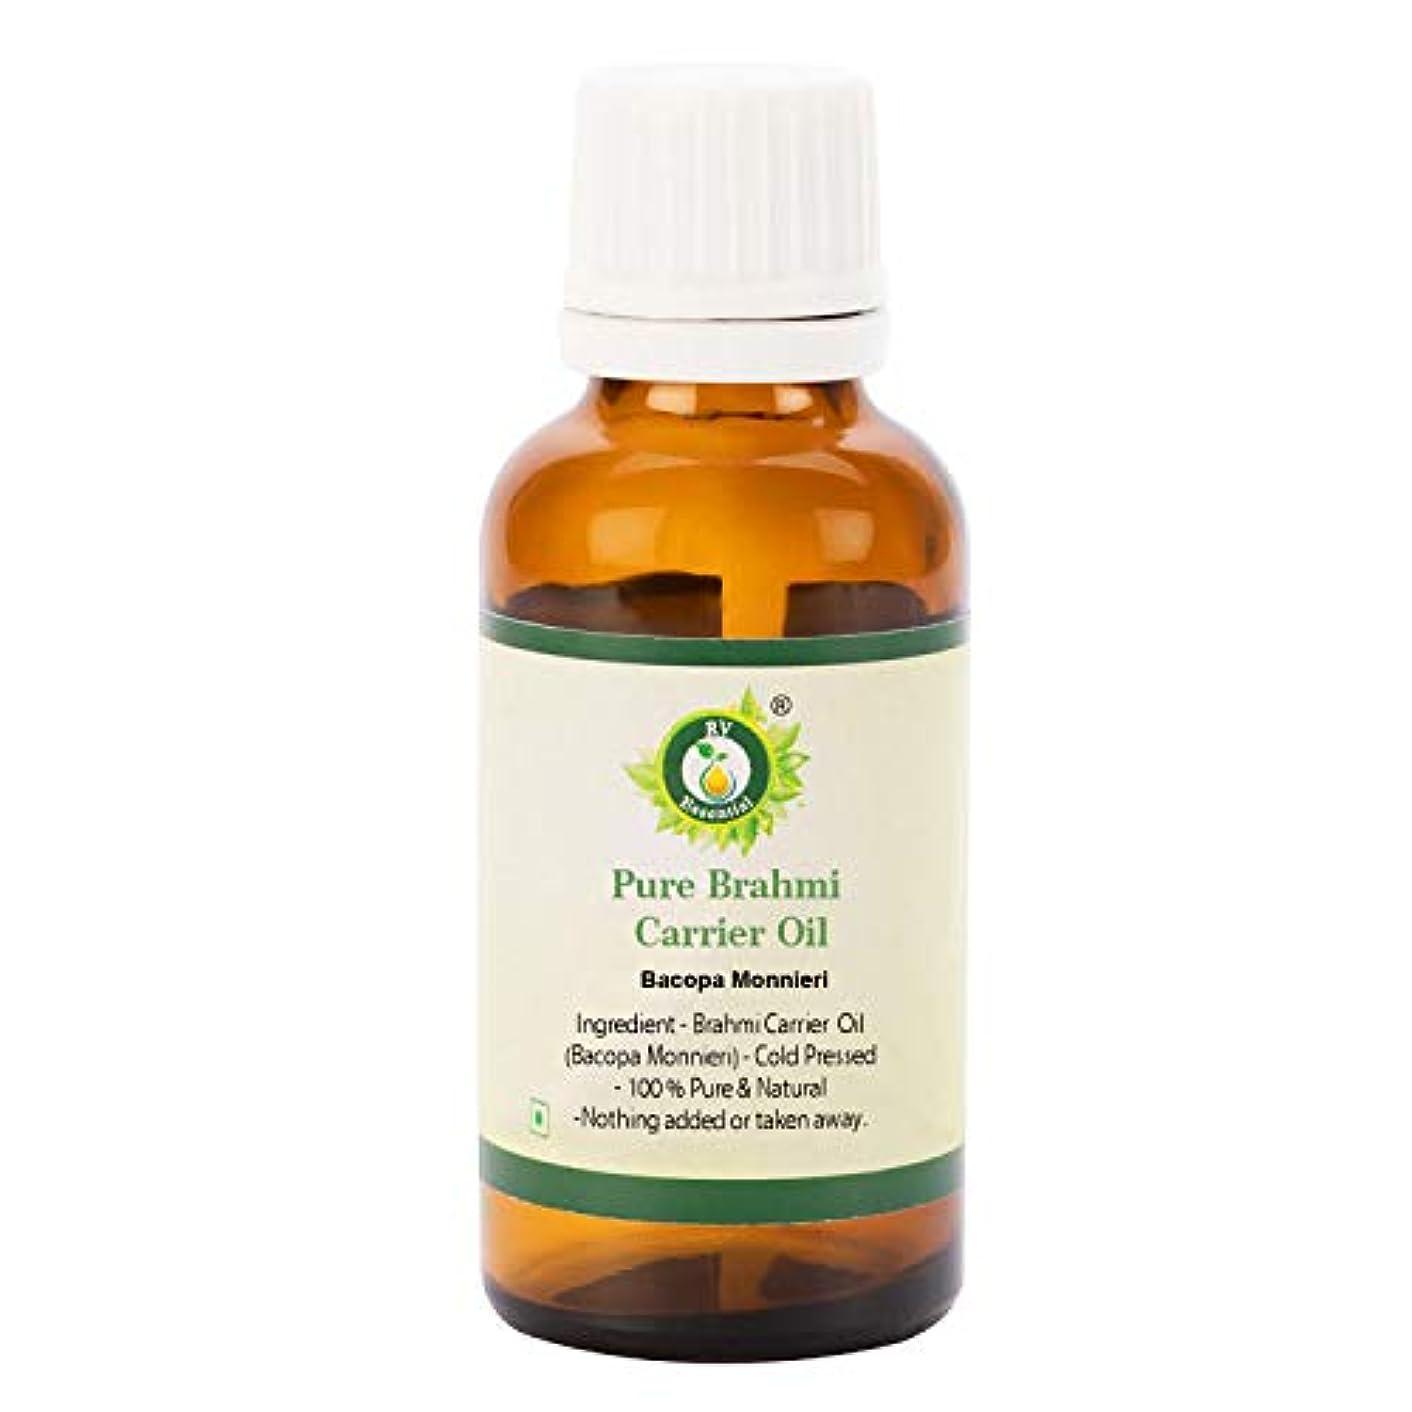 開始切り下げ機関純粋なブラフミ油300ml (10oz)- Bacopa Monnieri (100%純粋で天然の希少ハーブシリーズ) Pure Brahmi Oil